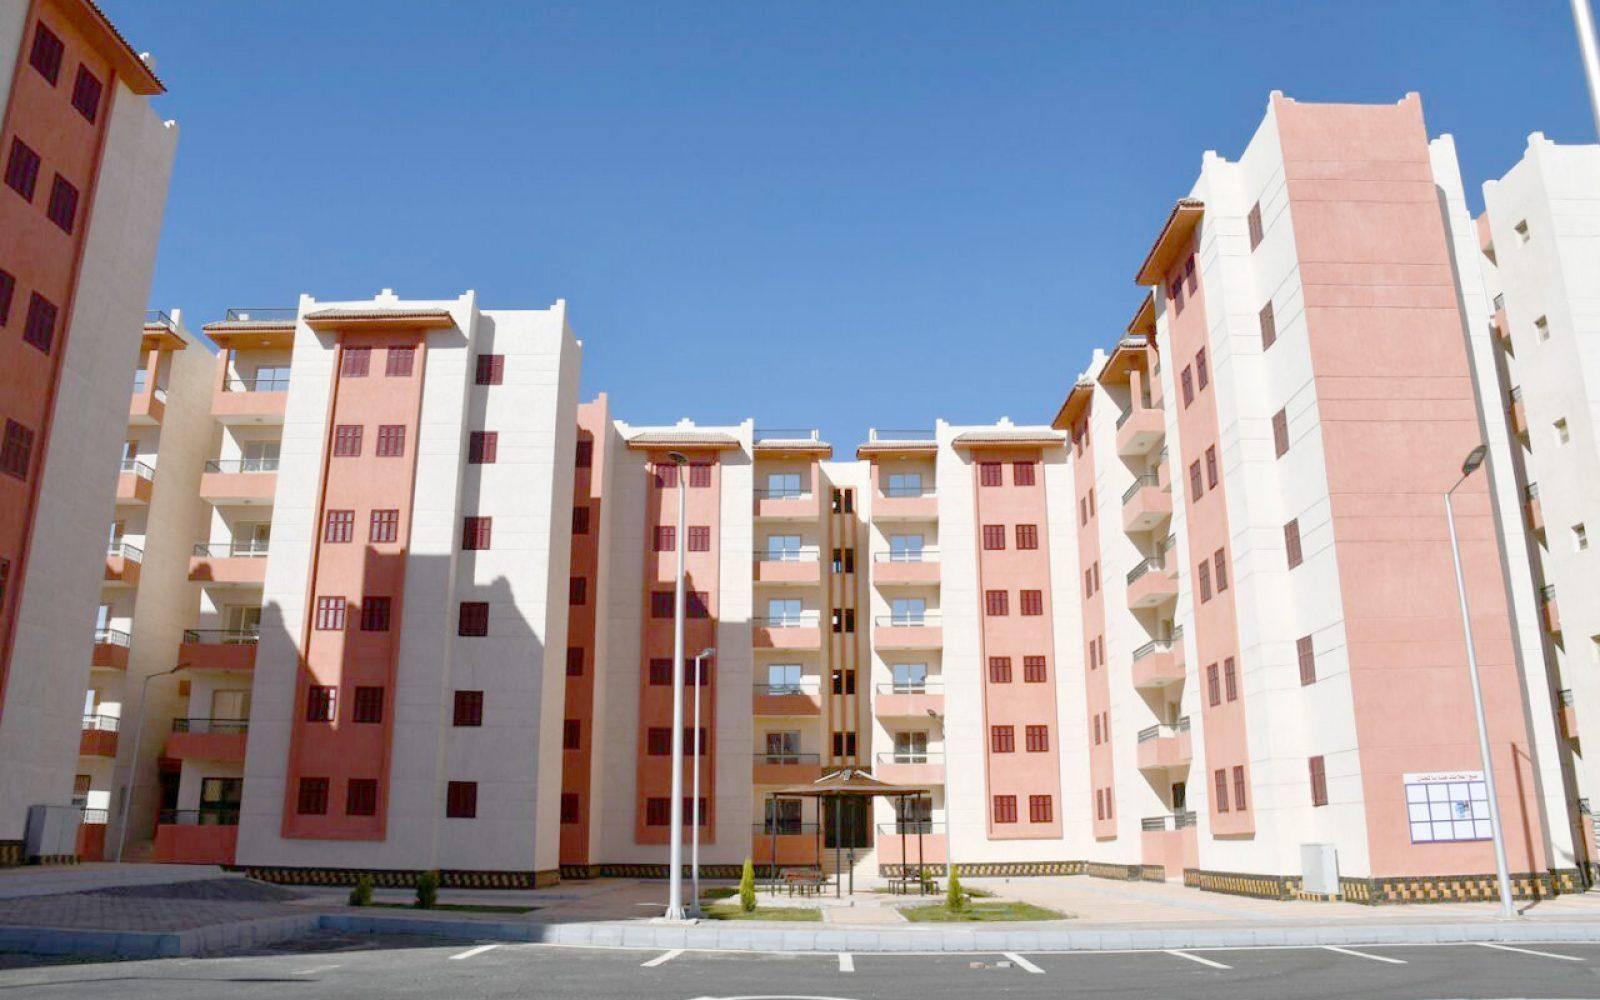 إجراءات تسجيل شقة تمليك بالشهر العقاري 2021 والرسوم